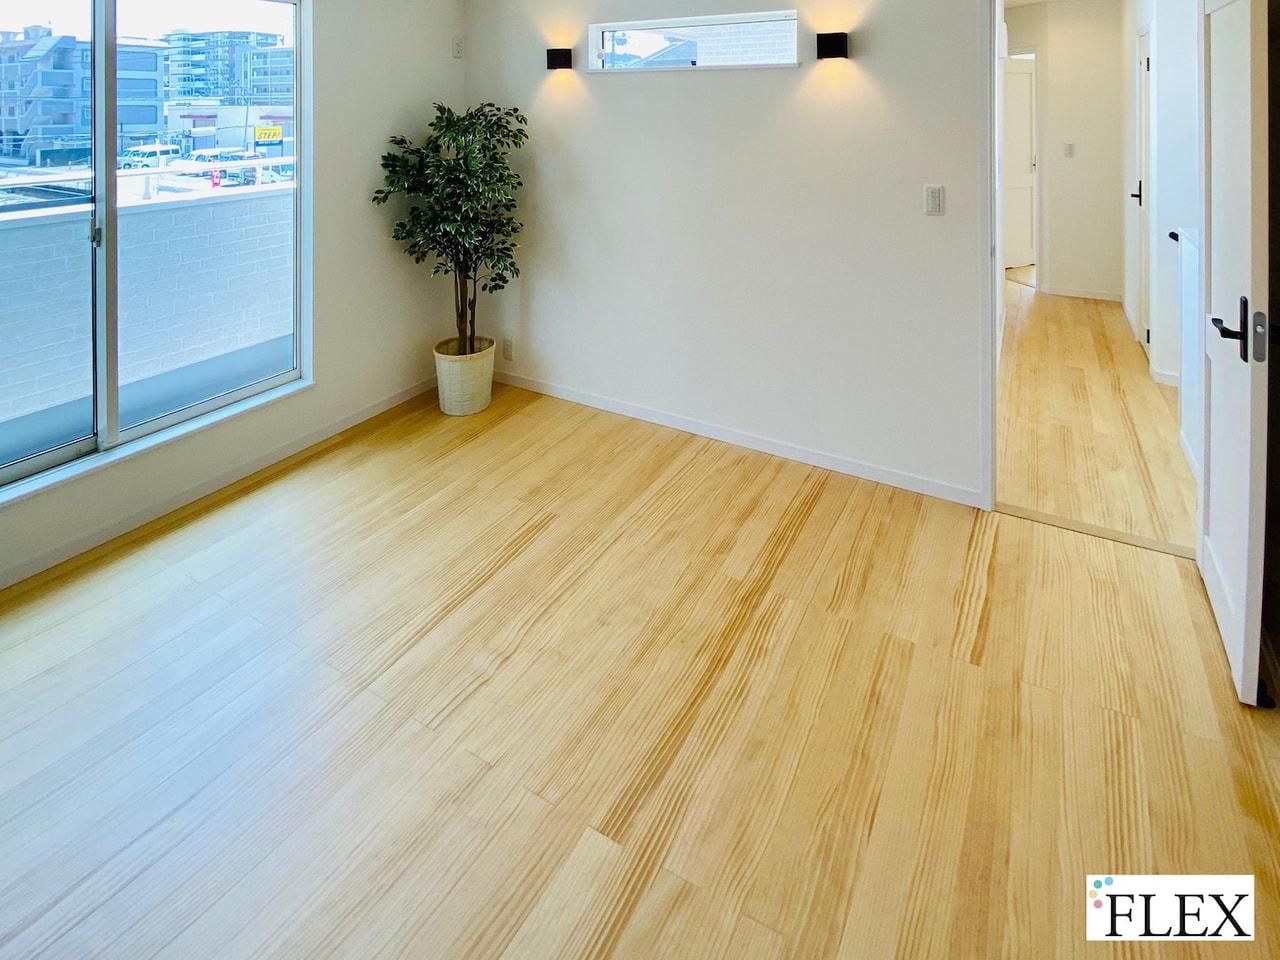 FLEX流 家づくりのポイント~無垢材の床とカラードアのある家~